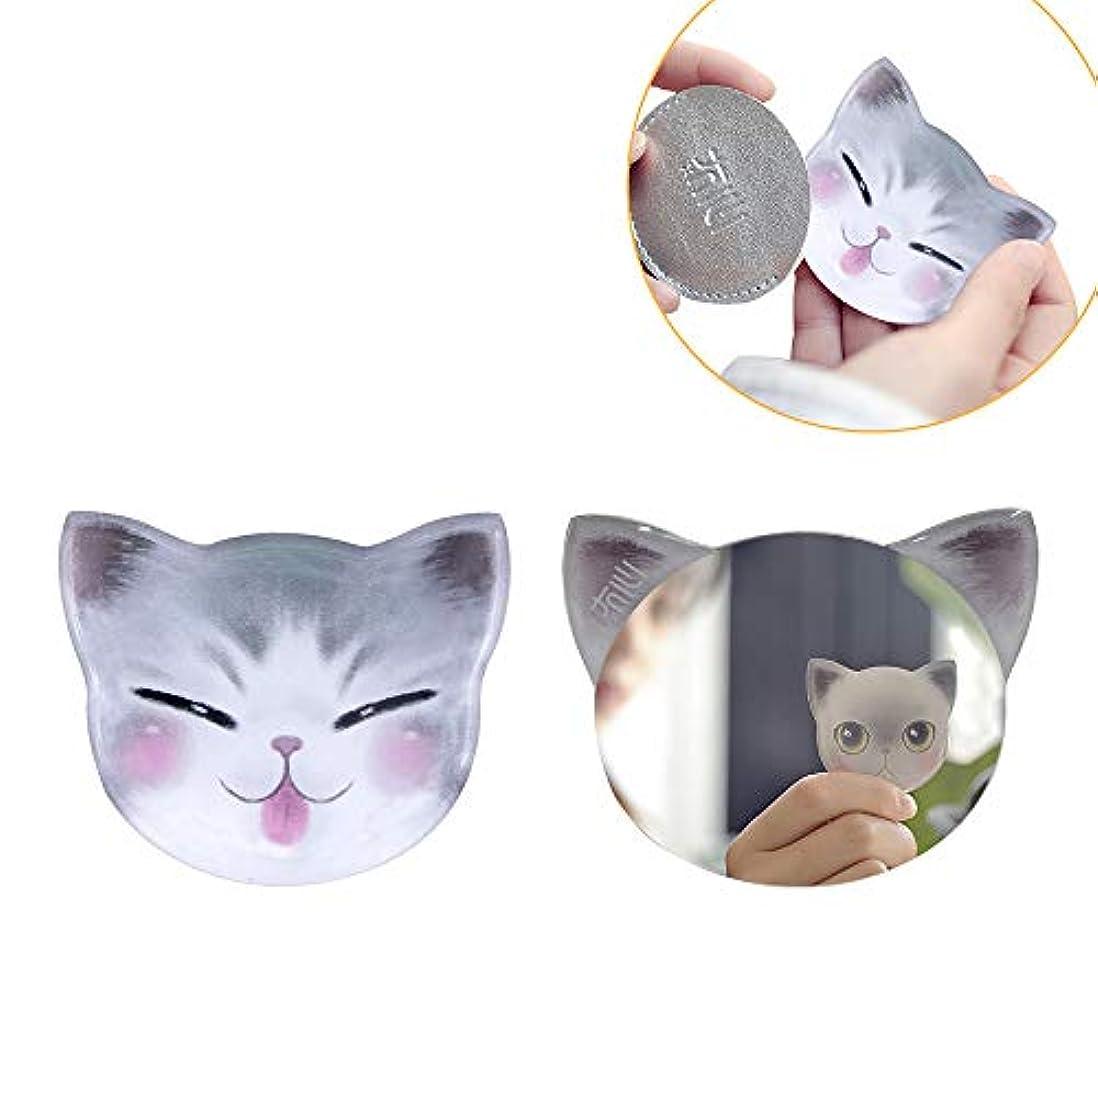 一人で細菌れる手鏡 コンパクト iitrust 猫柄 8パタン 収納袋付き 割れない 鏡 おしゃれ コンパクトミラー ハンドミラー かわいい 手鏡 猫 手鏡 かわいい iitrust並行輸入品